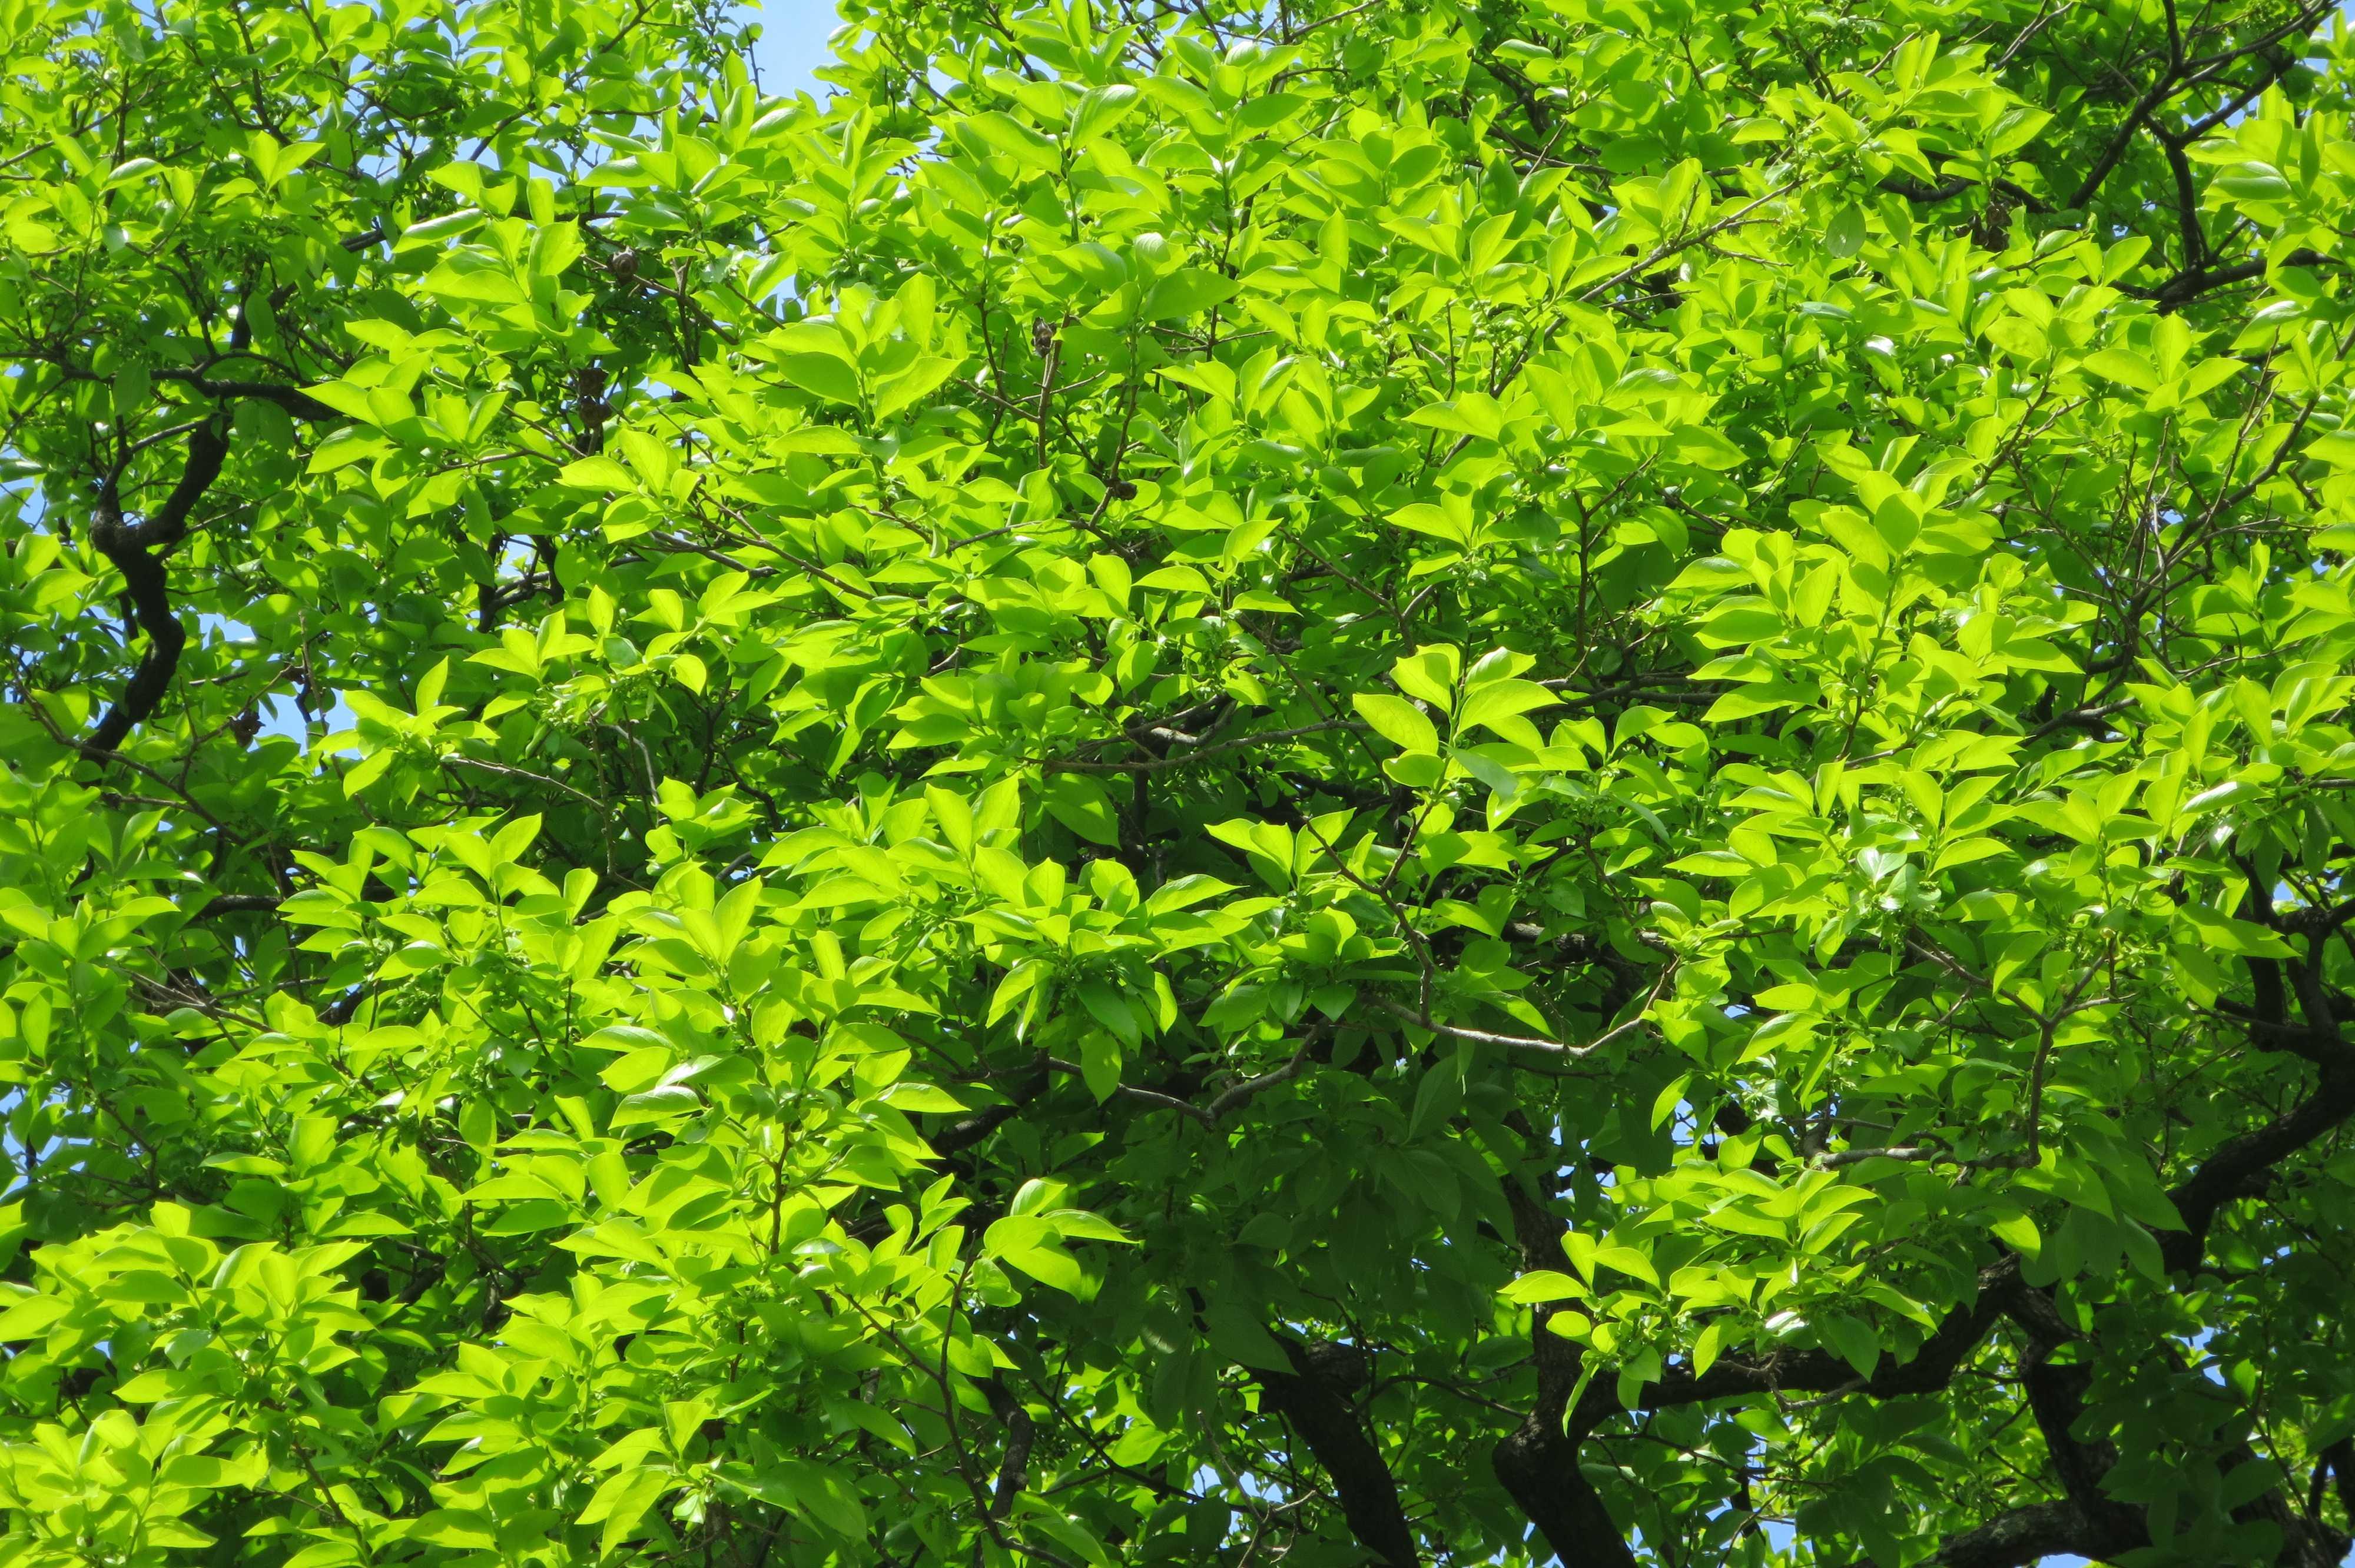 岡上の禅寺丸柿の木(カキノキ)の新葉